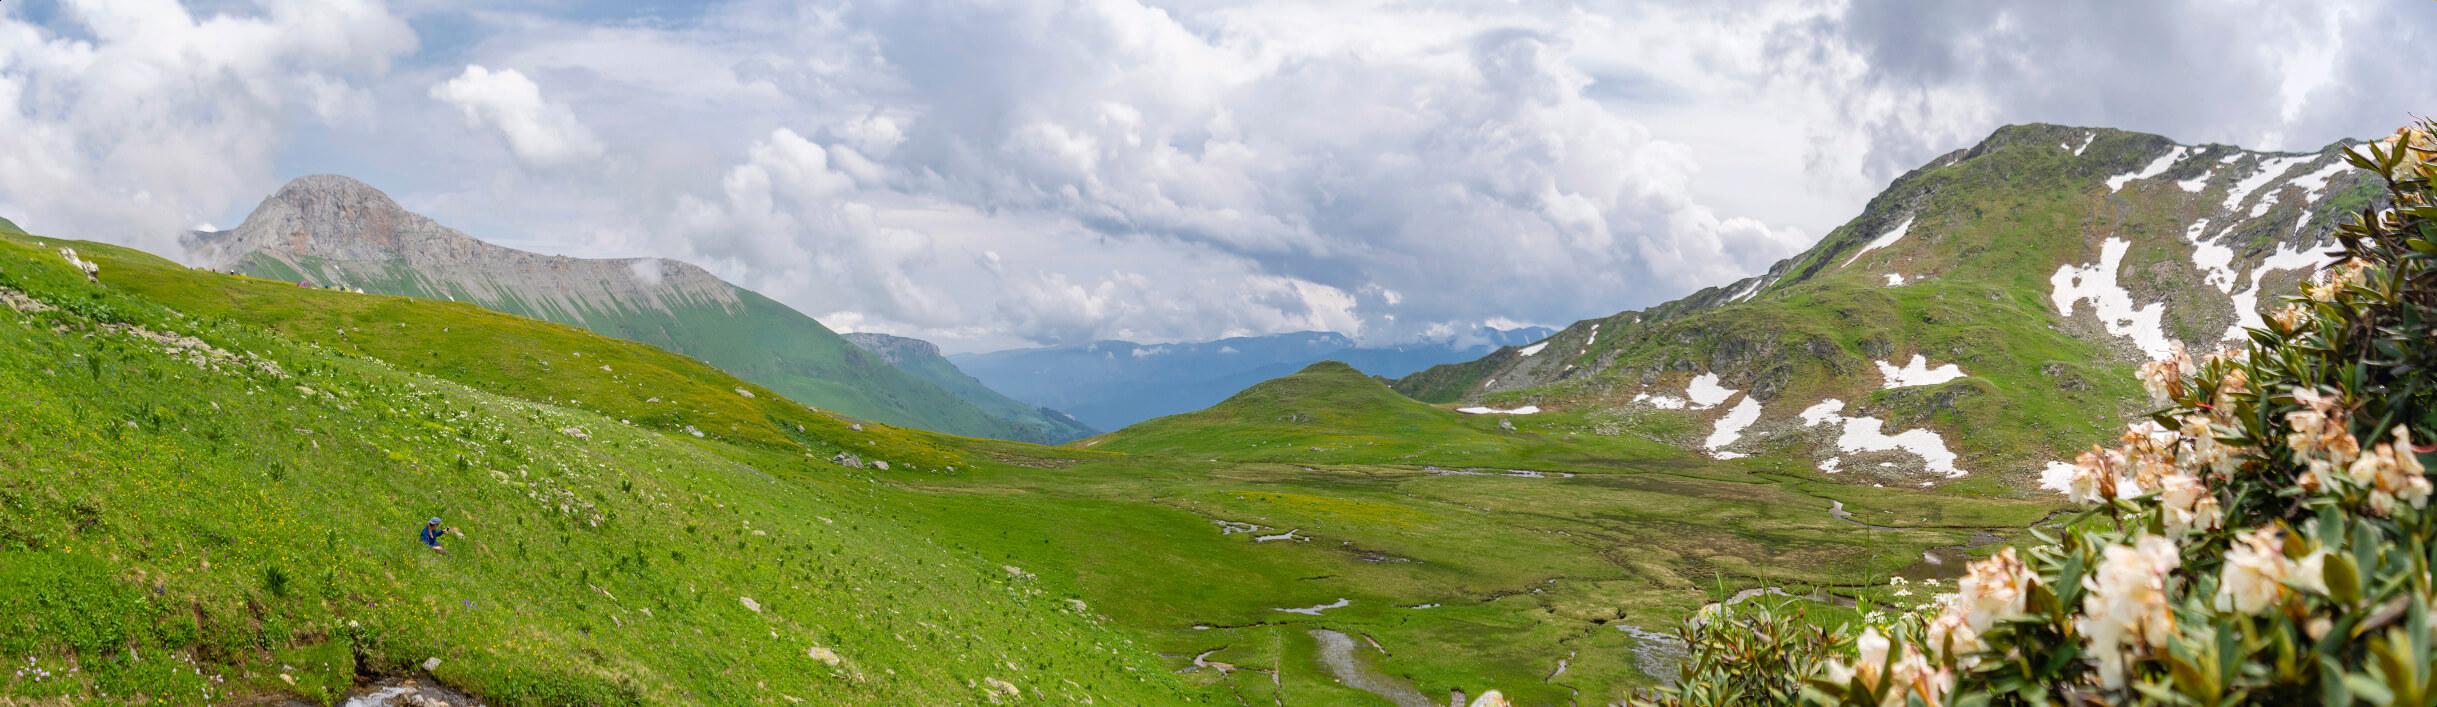 Долина реки Большой Блыб